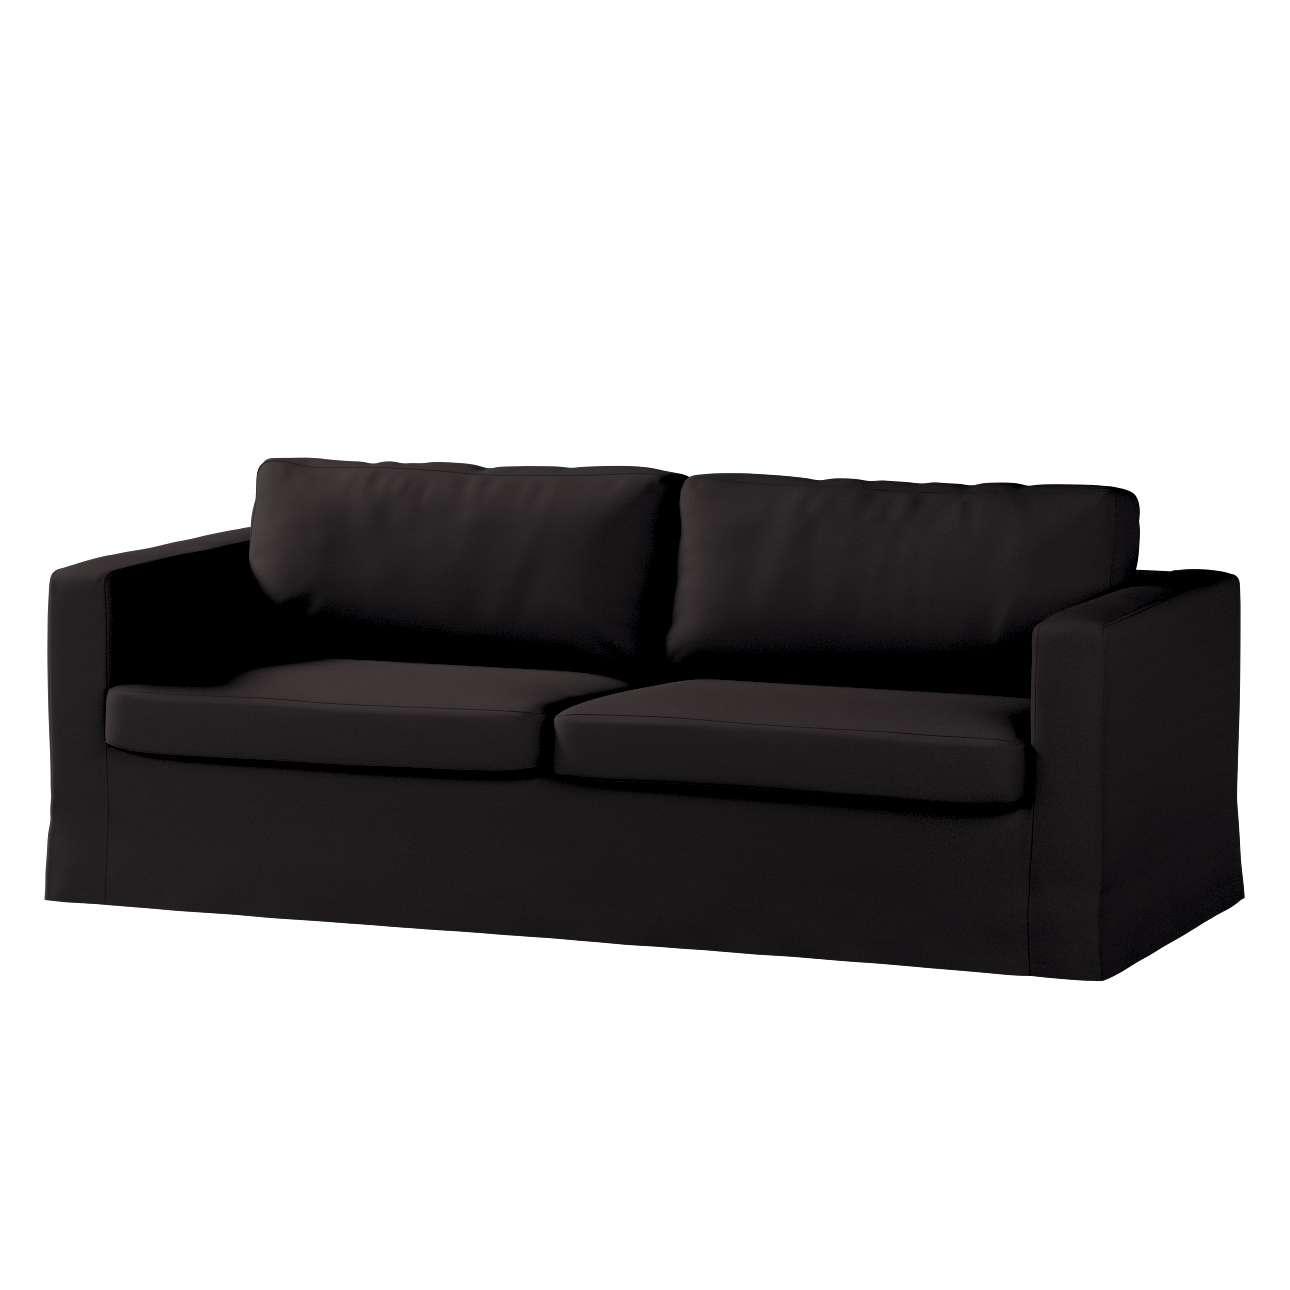 Karlstad trivietės sofos užvalkalas (ilgas, iki žemės) Karlstad trivietės sofos užvalkalas (ilgas, iki žemės) kolekcijoje Cotton Panama, audinys: 702-09